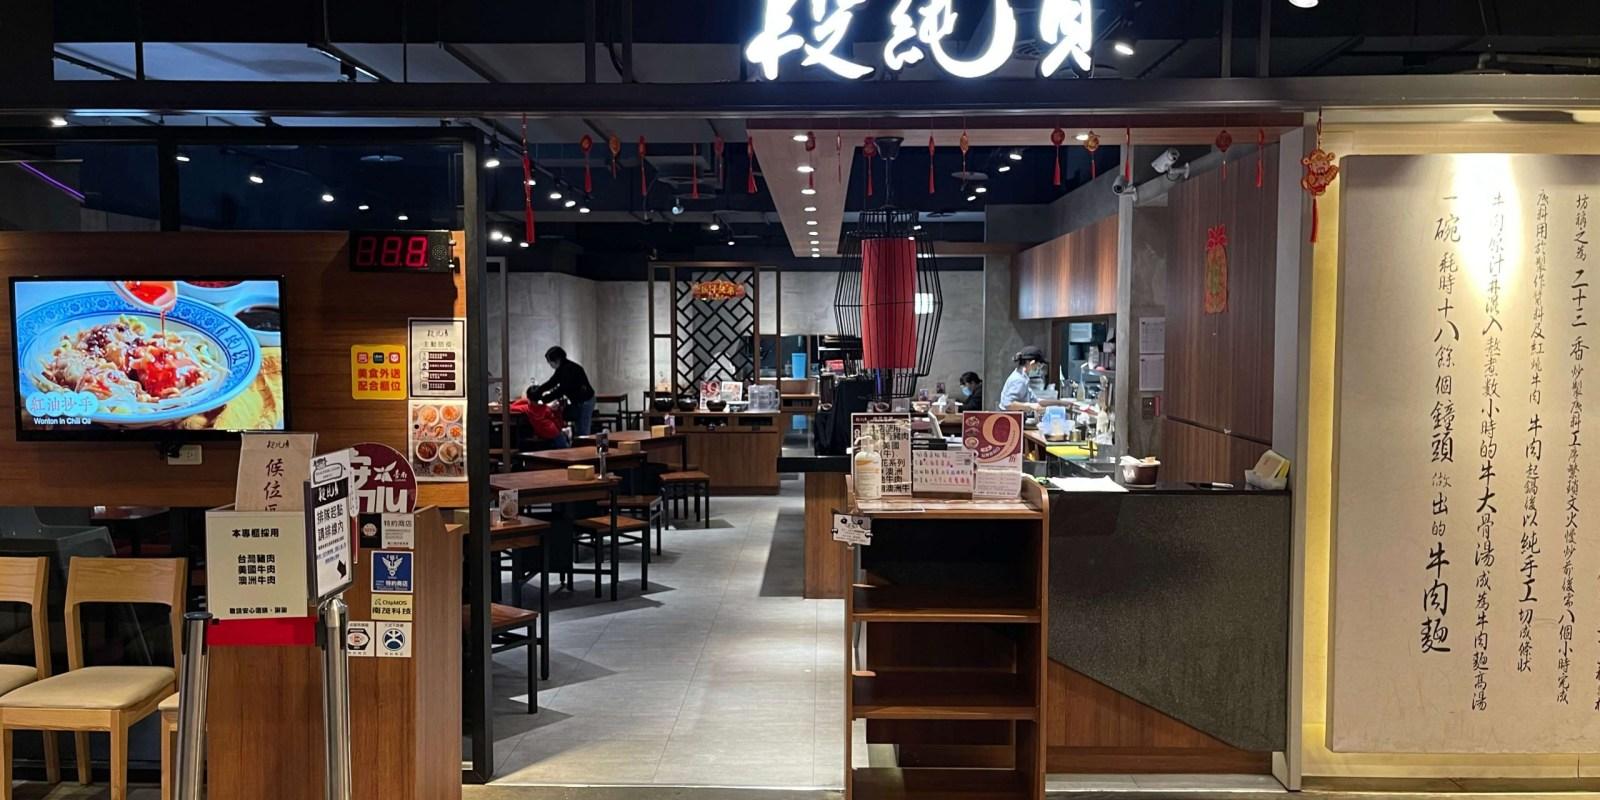 段純貞2021年菜單及分店資訊 (4月更新)